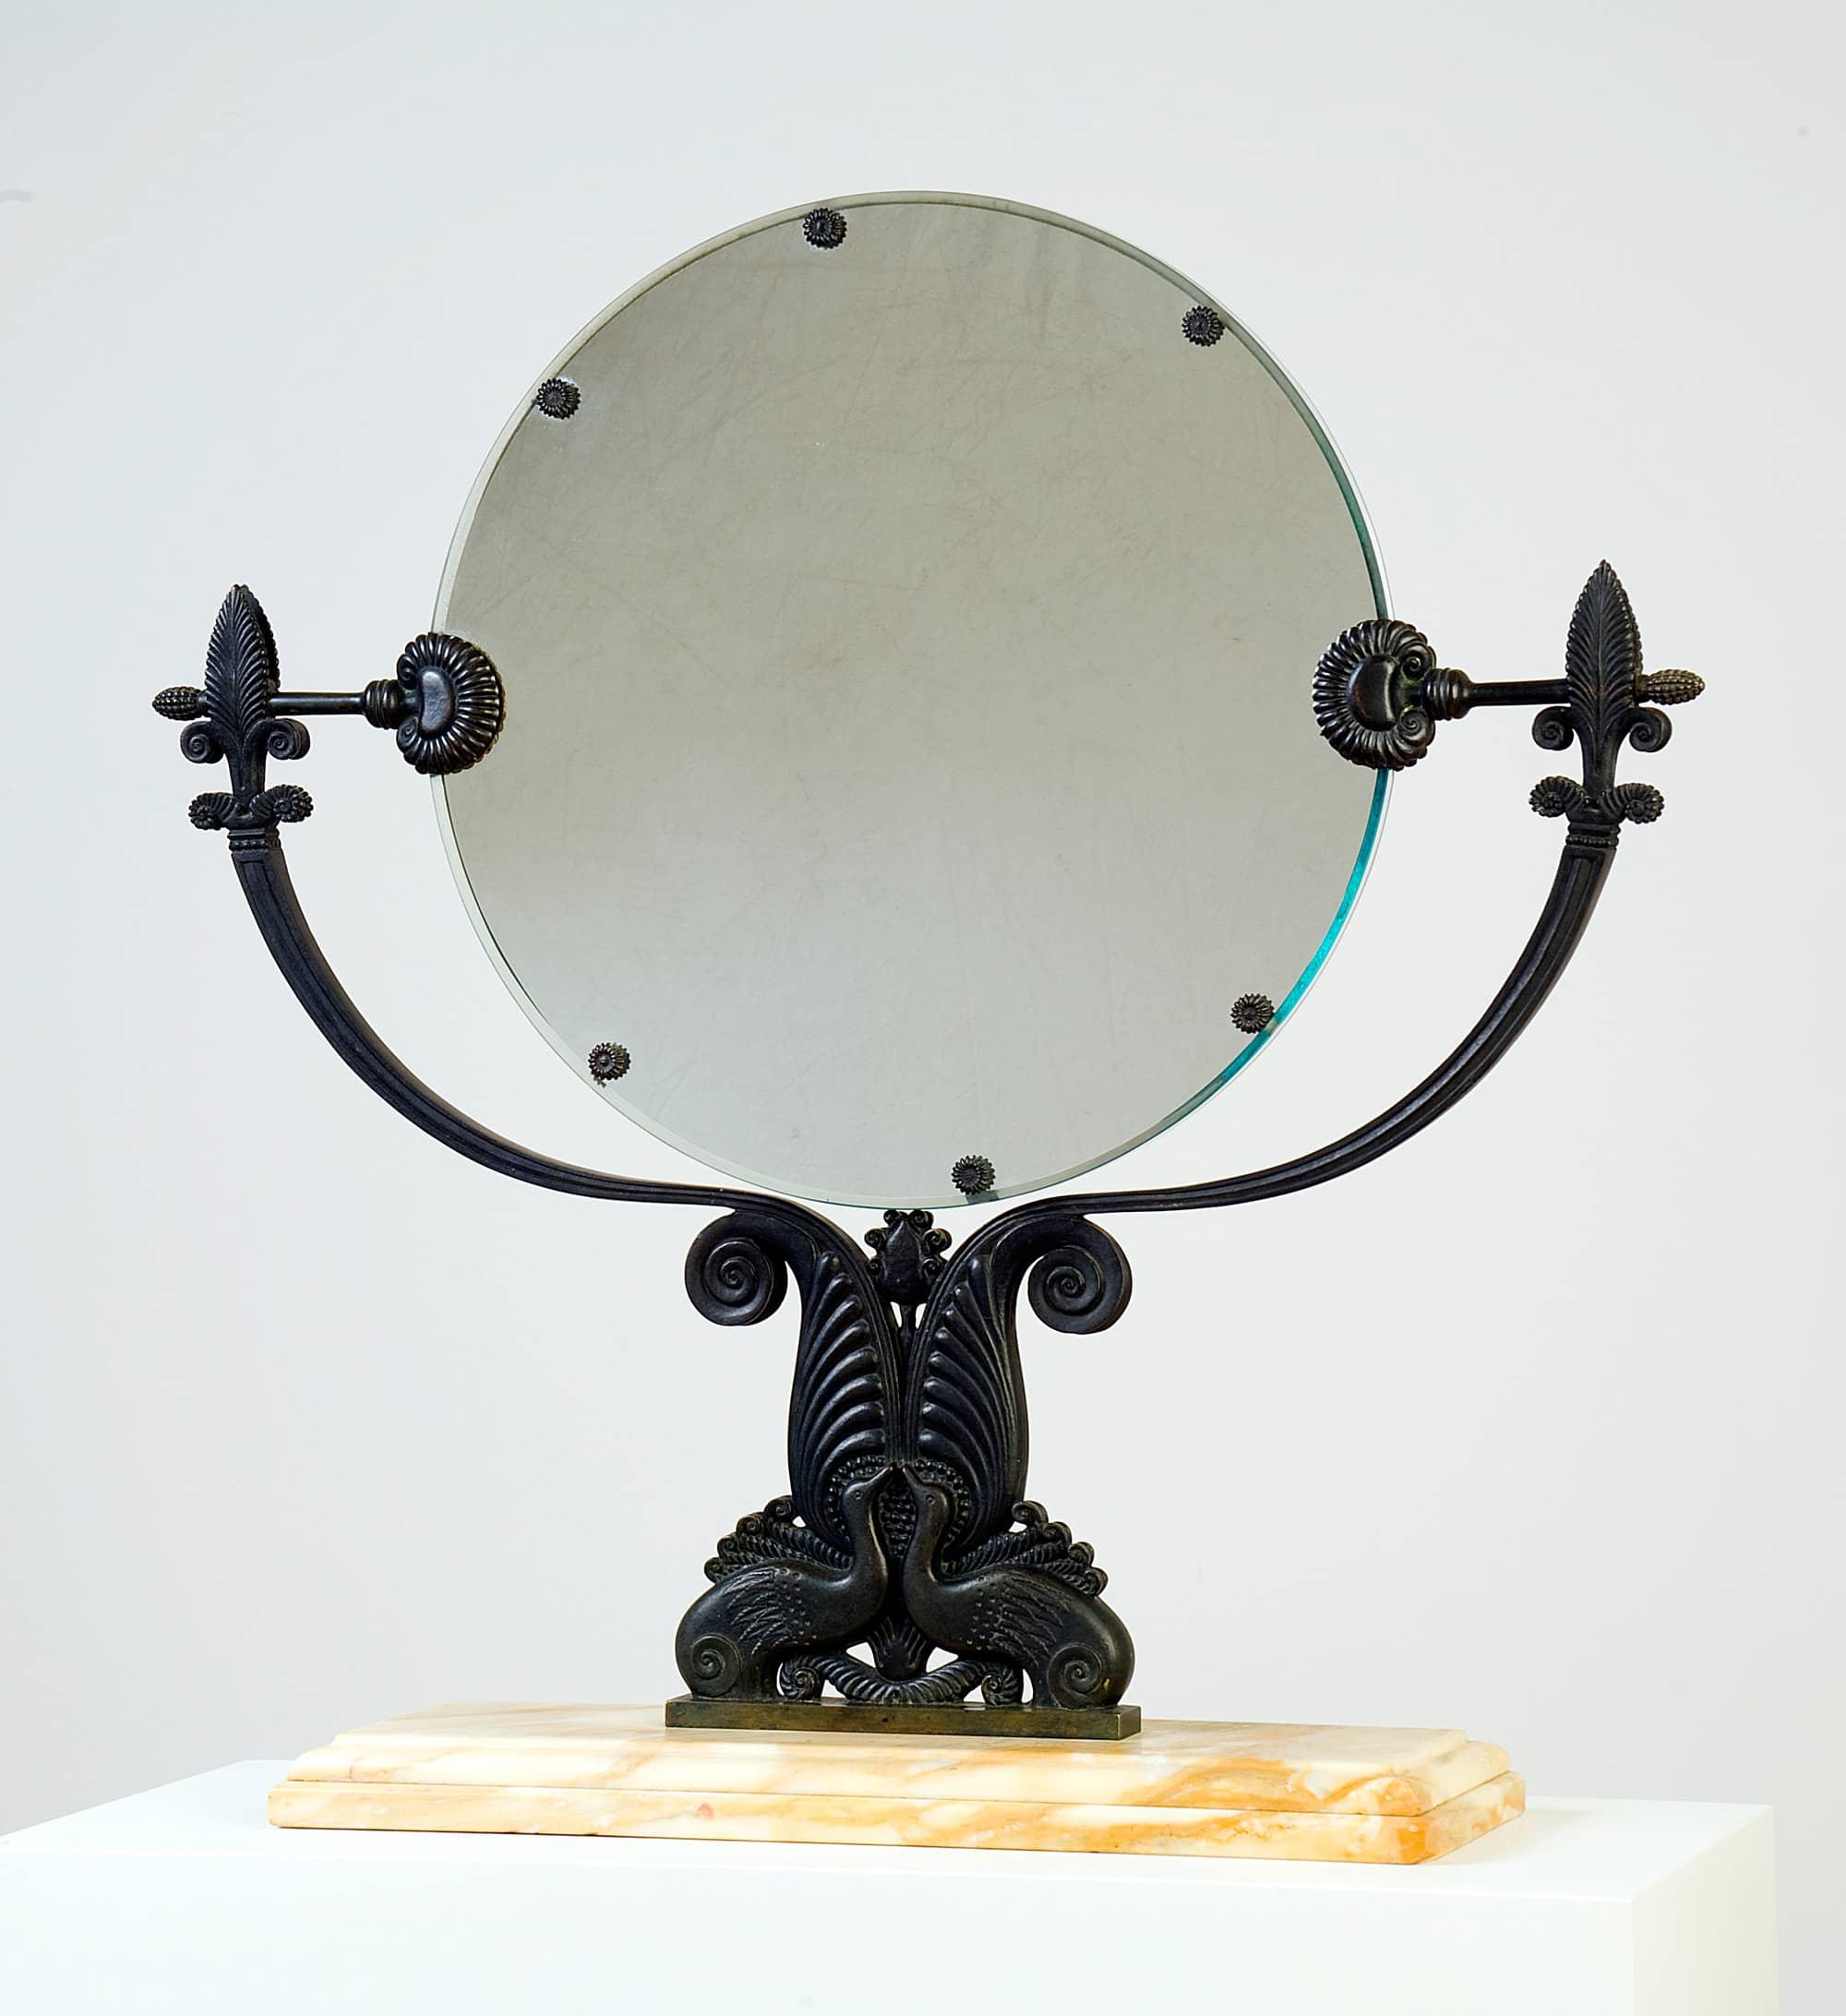 Miroir de table pivotant en bronze à patine vert antique finement ciselé